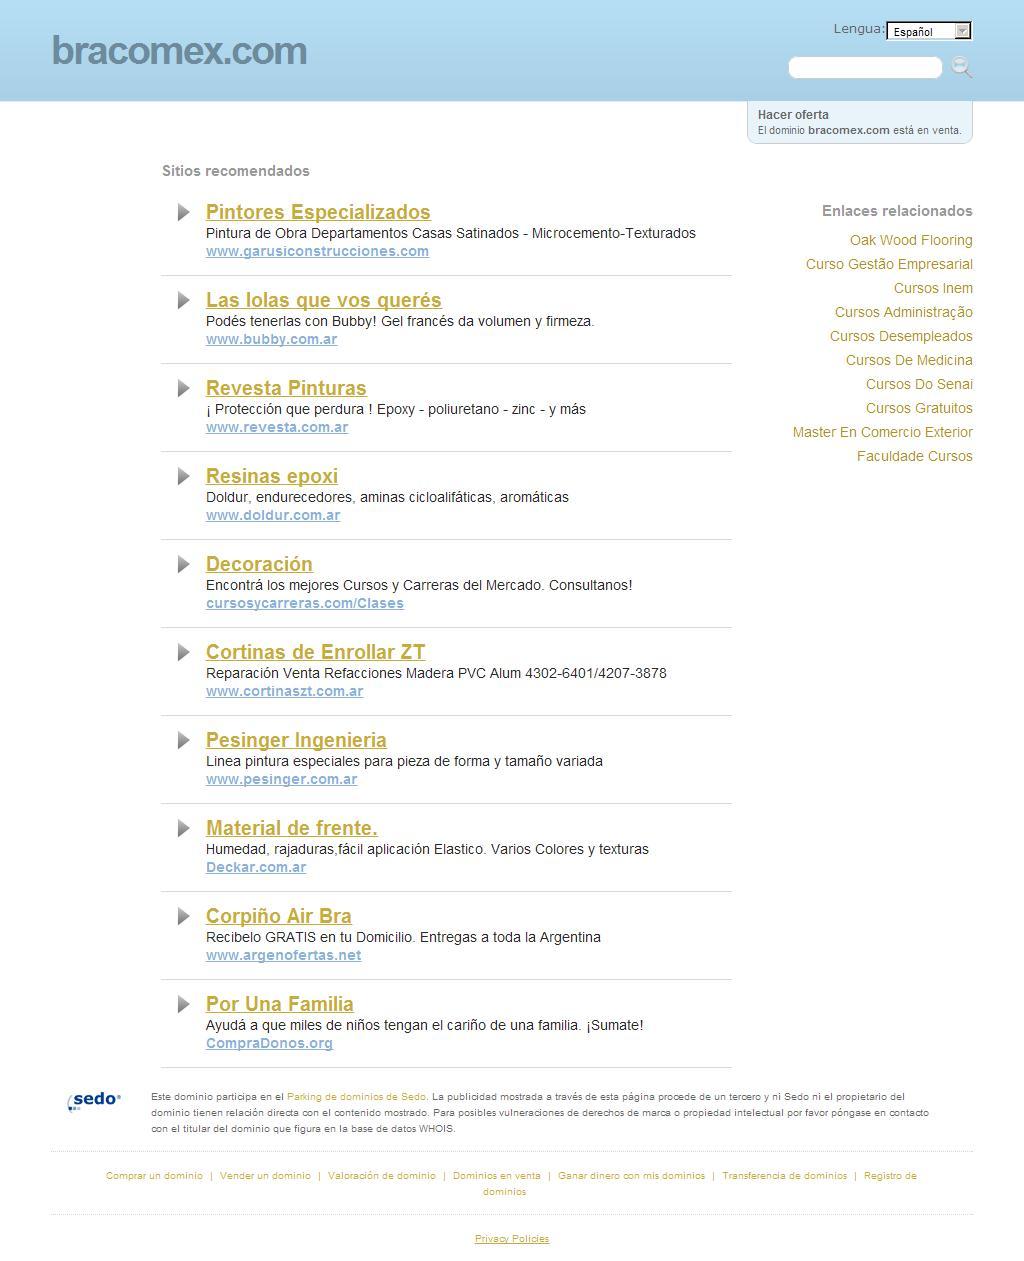 bracomex.com - La mejor información y recursos sobre bracomex. ¡Esta pagina está a la venta!